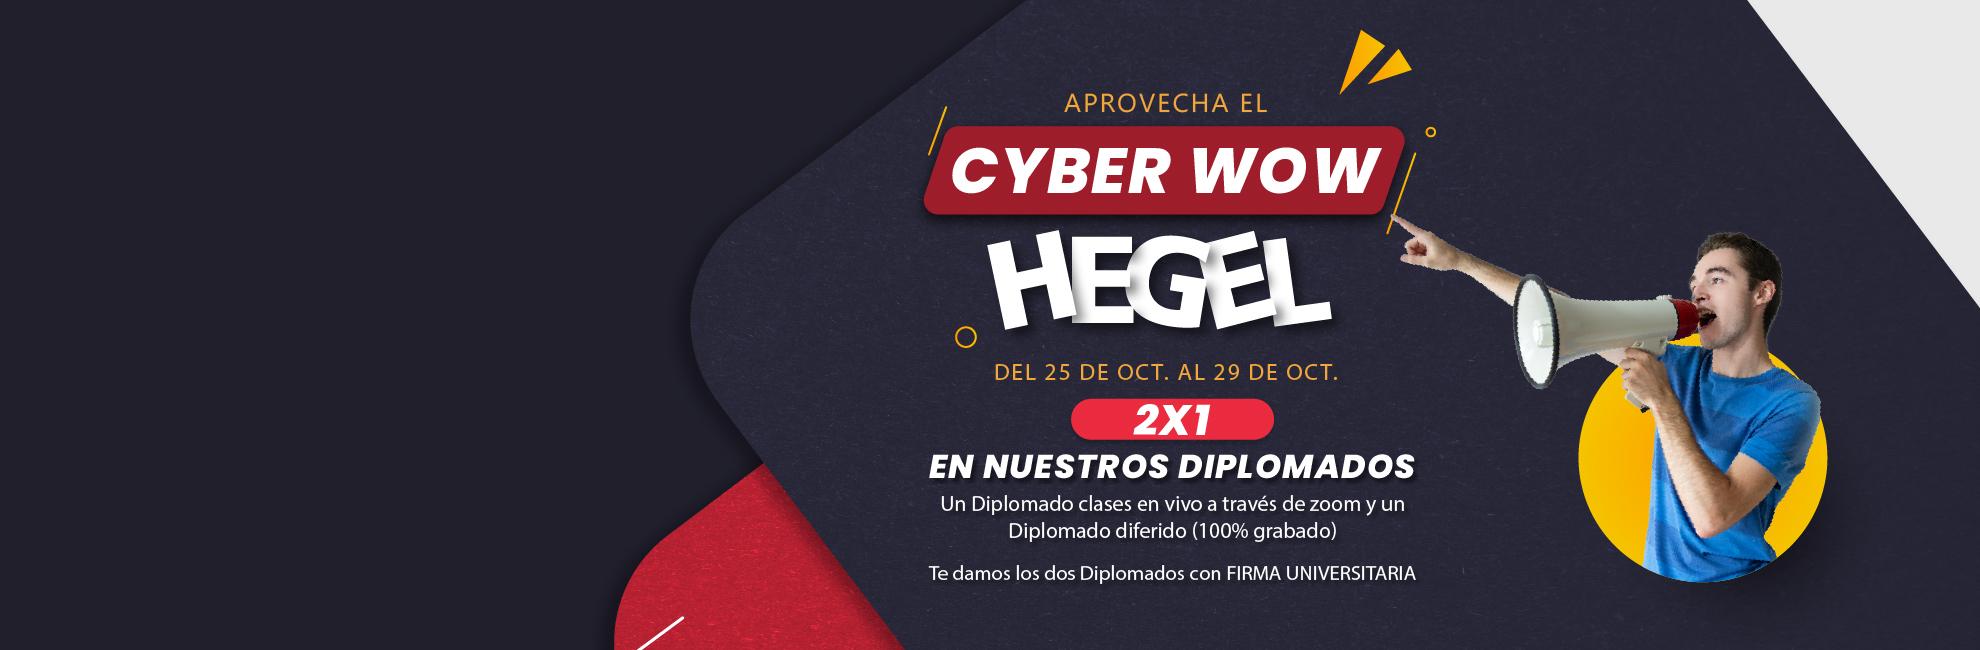 cyber-wow-hegel